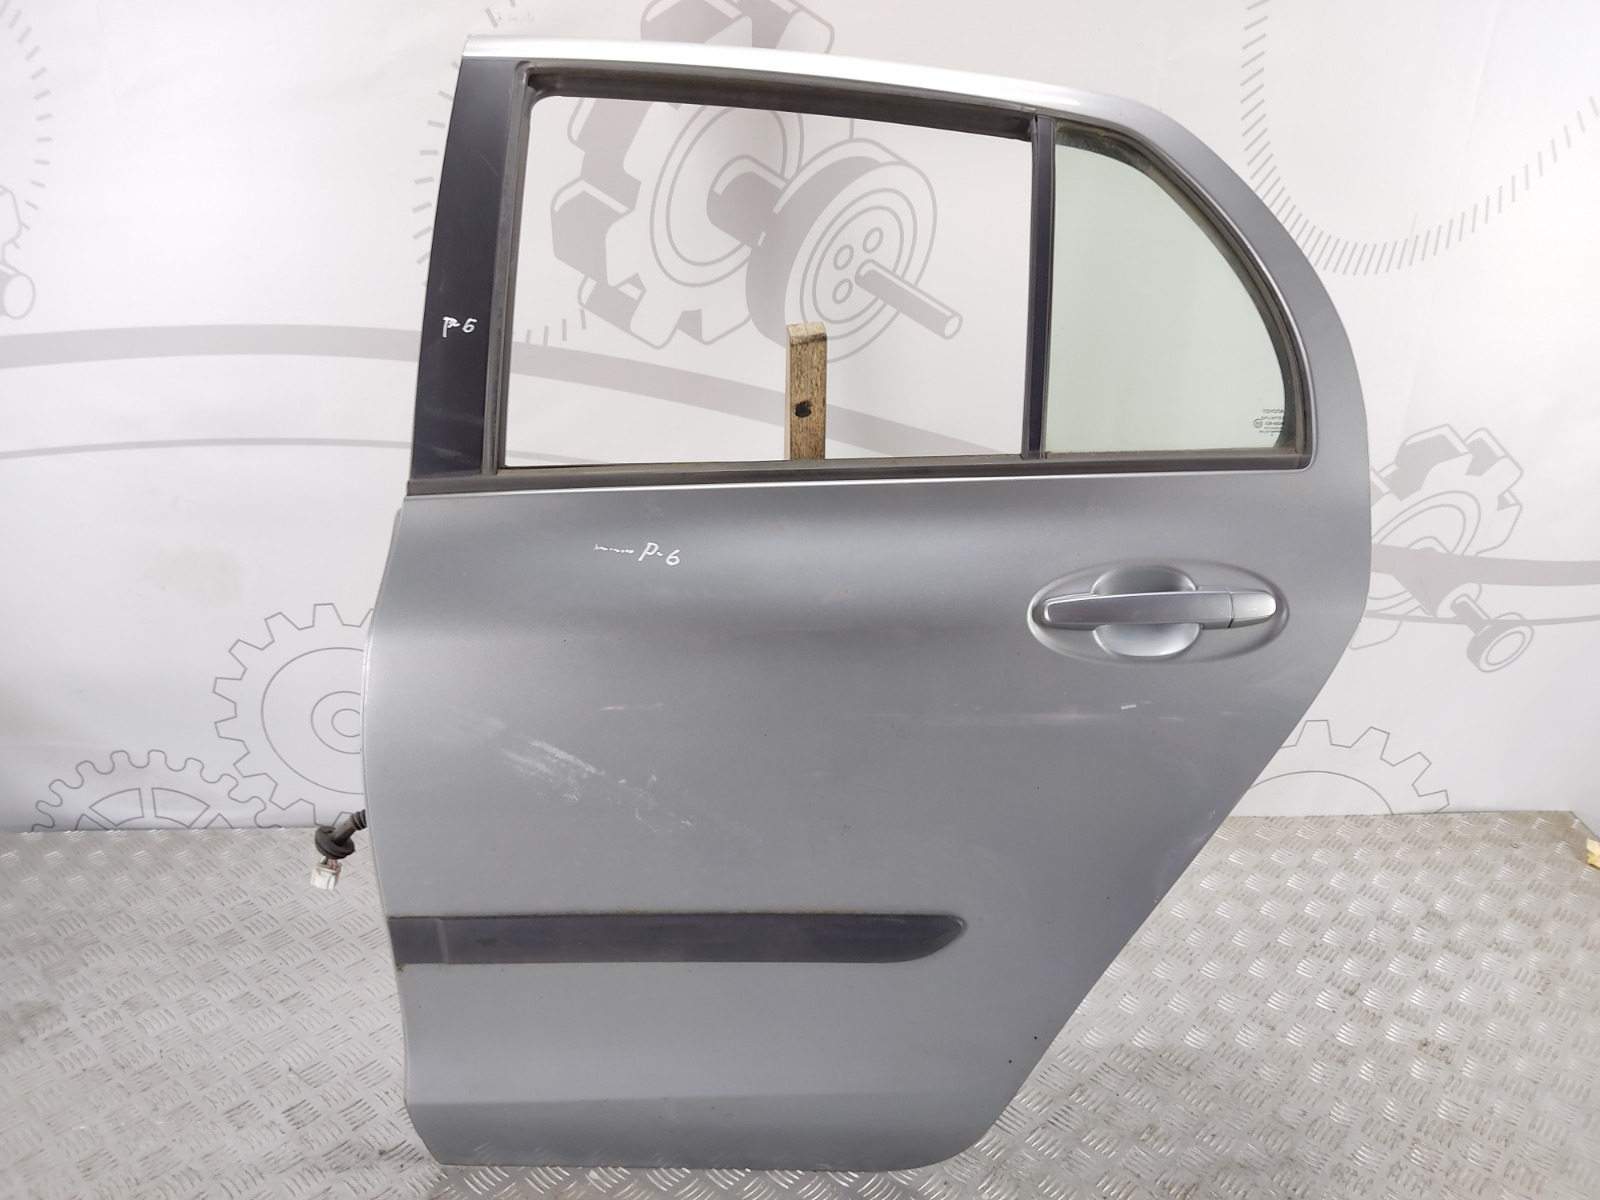 Дверь задняя левая Toyota Yaris XP9 1.4 D-4D 2006 (б/у)